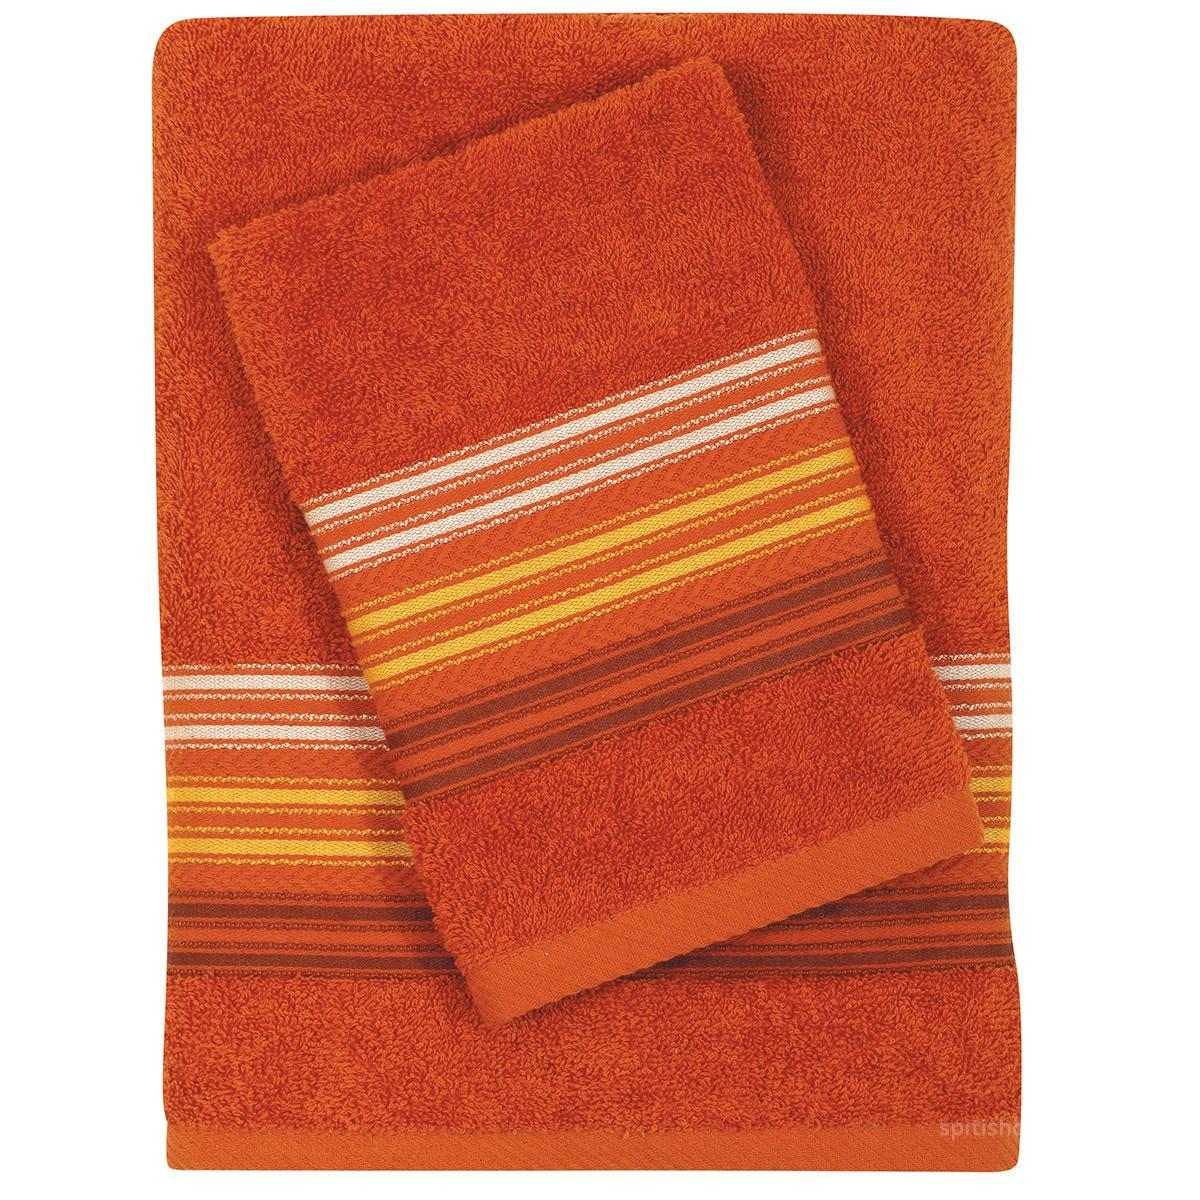 Πετσέτες Μπάνιου (Σετ 3τμχ) Das Home Best 342